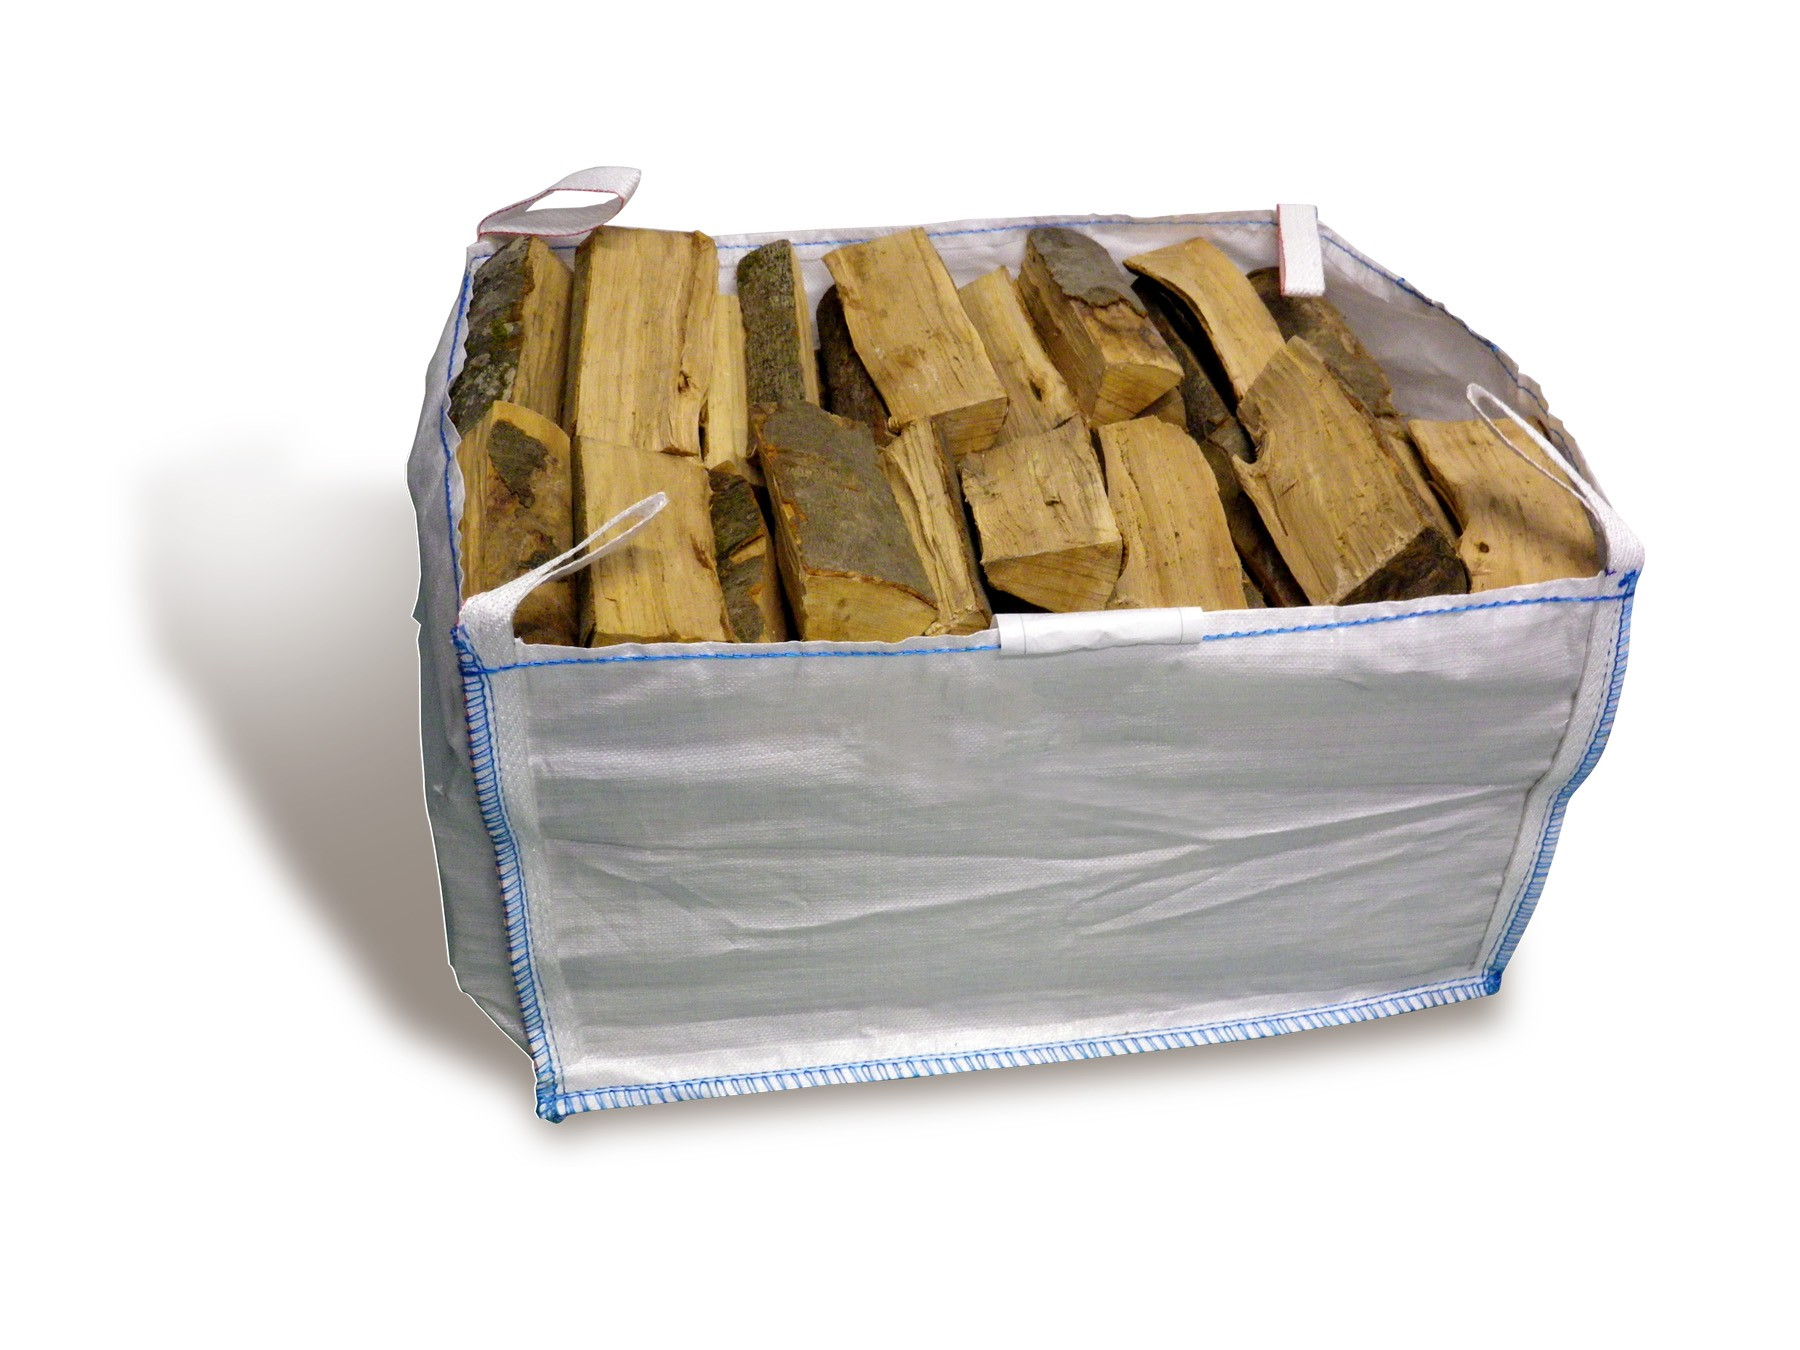 Achat vente sac de coffre pour livraison de bois de chauffage cr pito - Coffre pour ranger le bois de chauffage ...